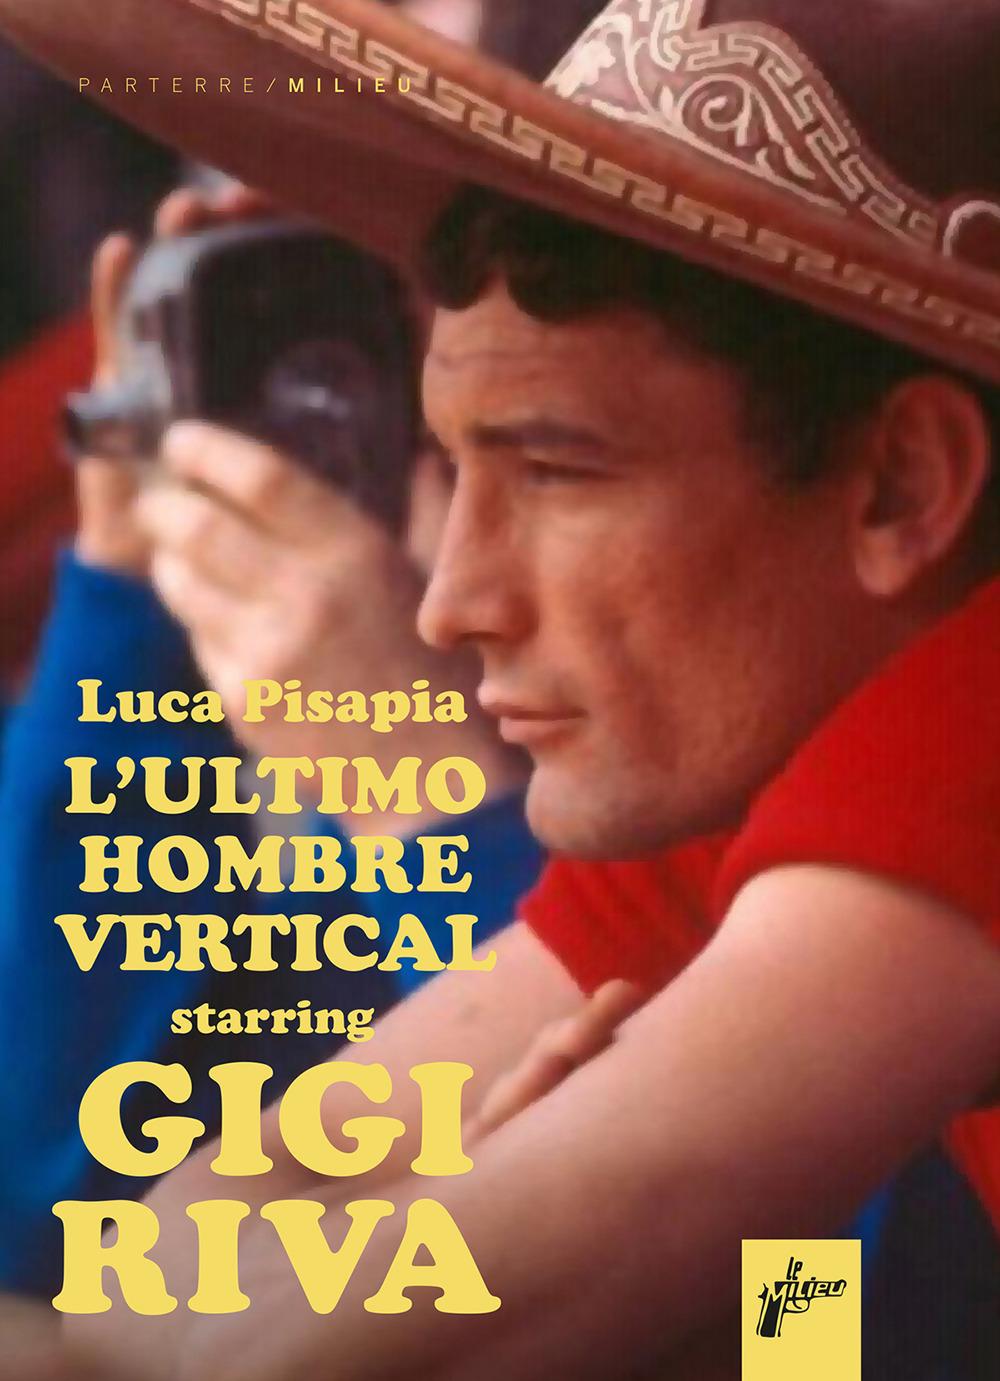 GIGI RIVA. ULTIMO HOMBRE VERTICAL - Pisapia Luca - 9788831977470